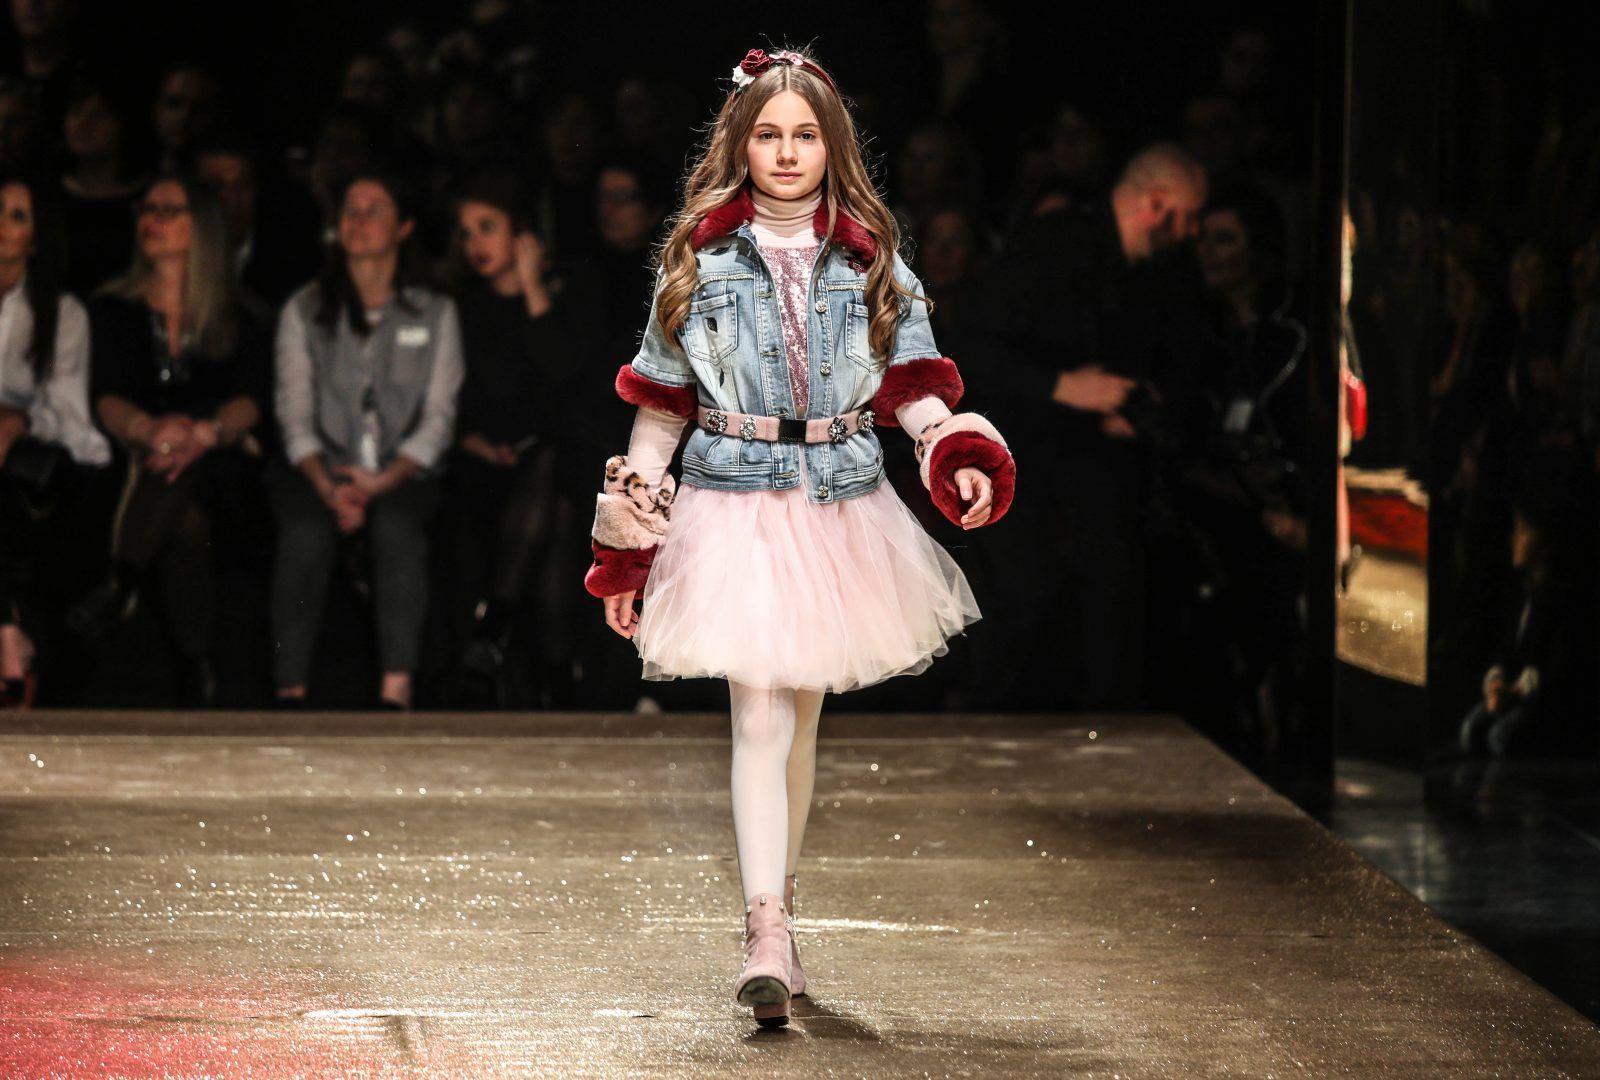 Sissiworld Kids Mums Fashion Beauty Travel And Lifestyle: Monnalisa Festeggia I Suoi 50 Anni A Pitti Bimbo 86